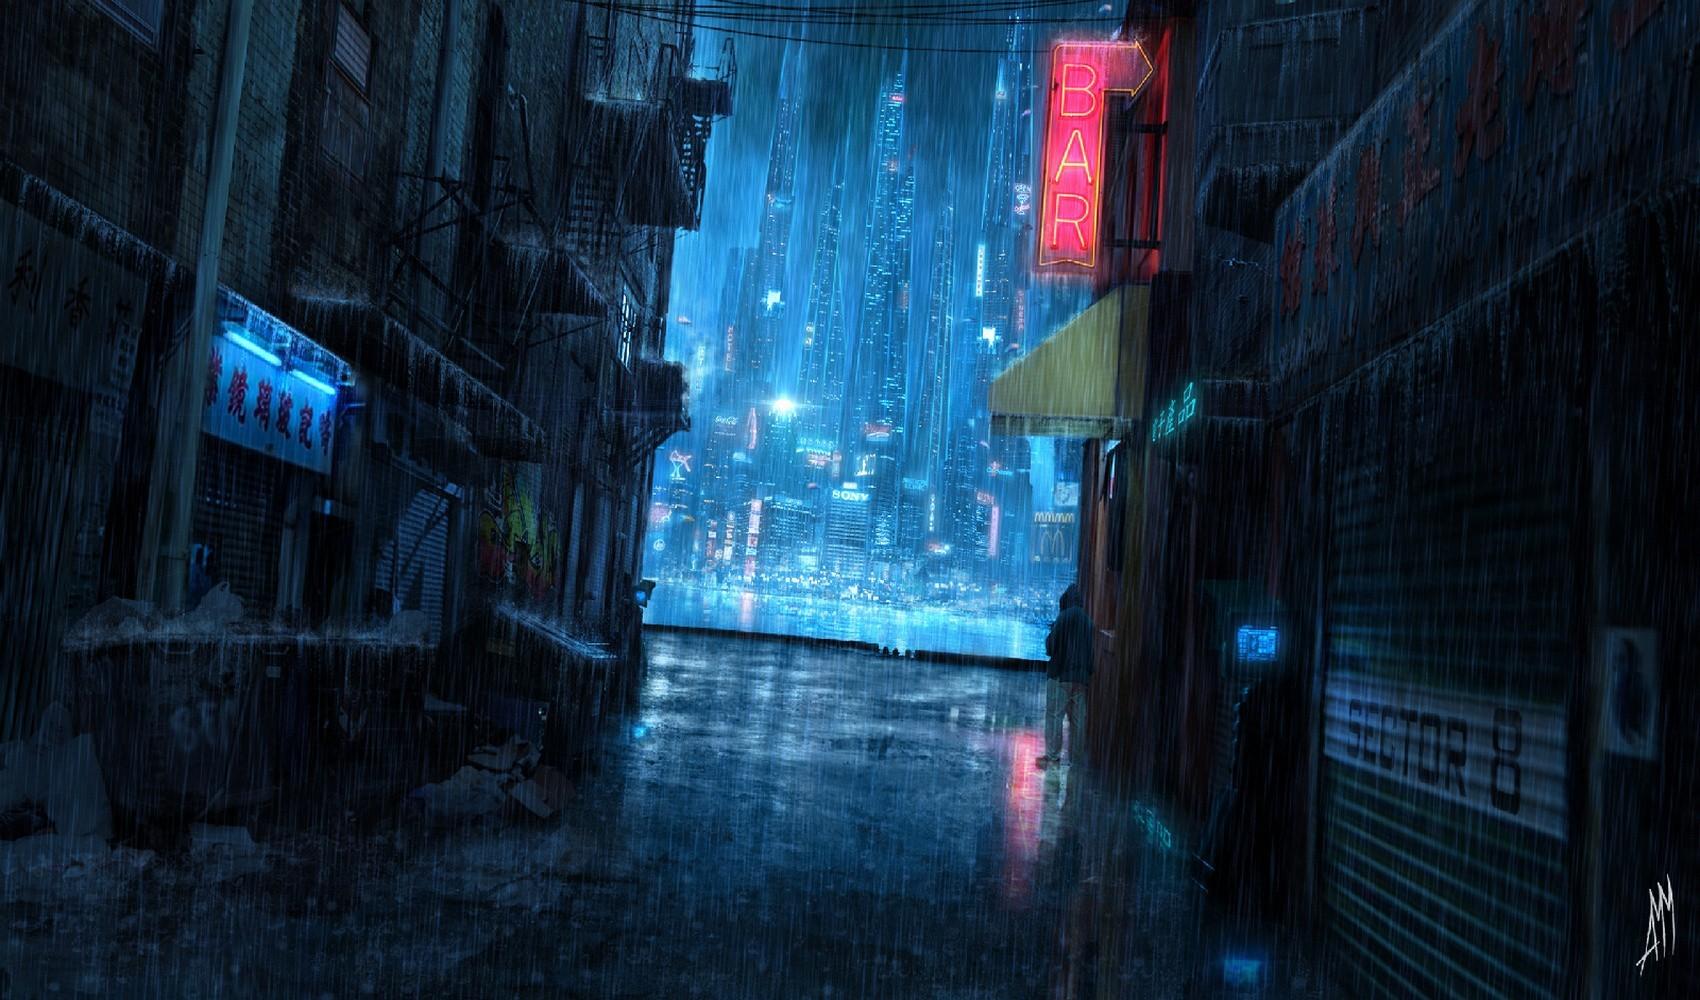 デスクトップ壁紙 サイバーパンク 反射 青 Sf 未来都市 真夜中 光 路地 闇 スクリーンショット コンピュータの壁紙 1700x1000 Tibiase デスクトップ壁紙 Wallhere